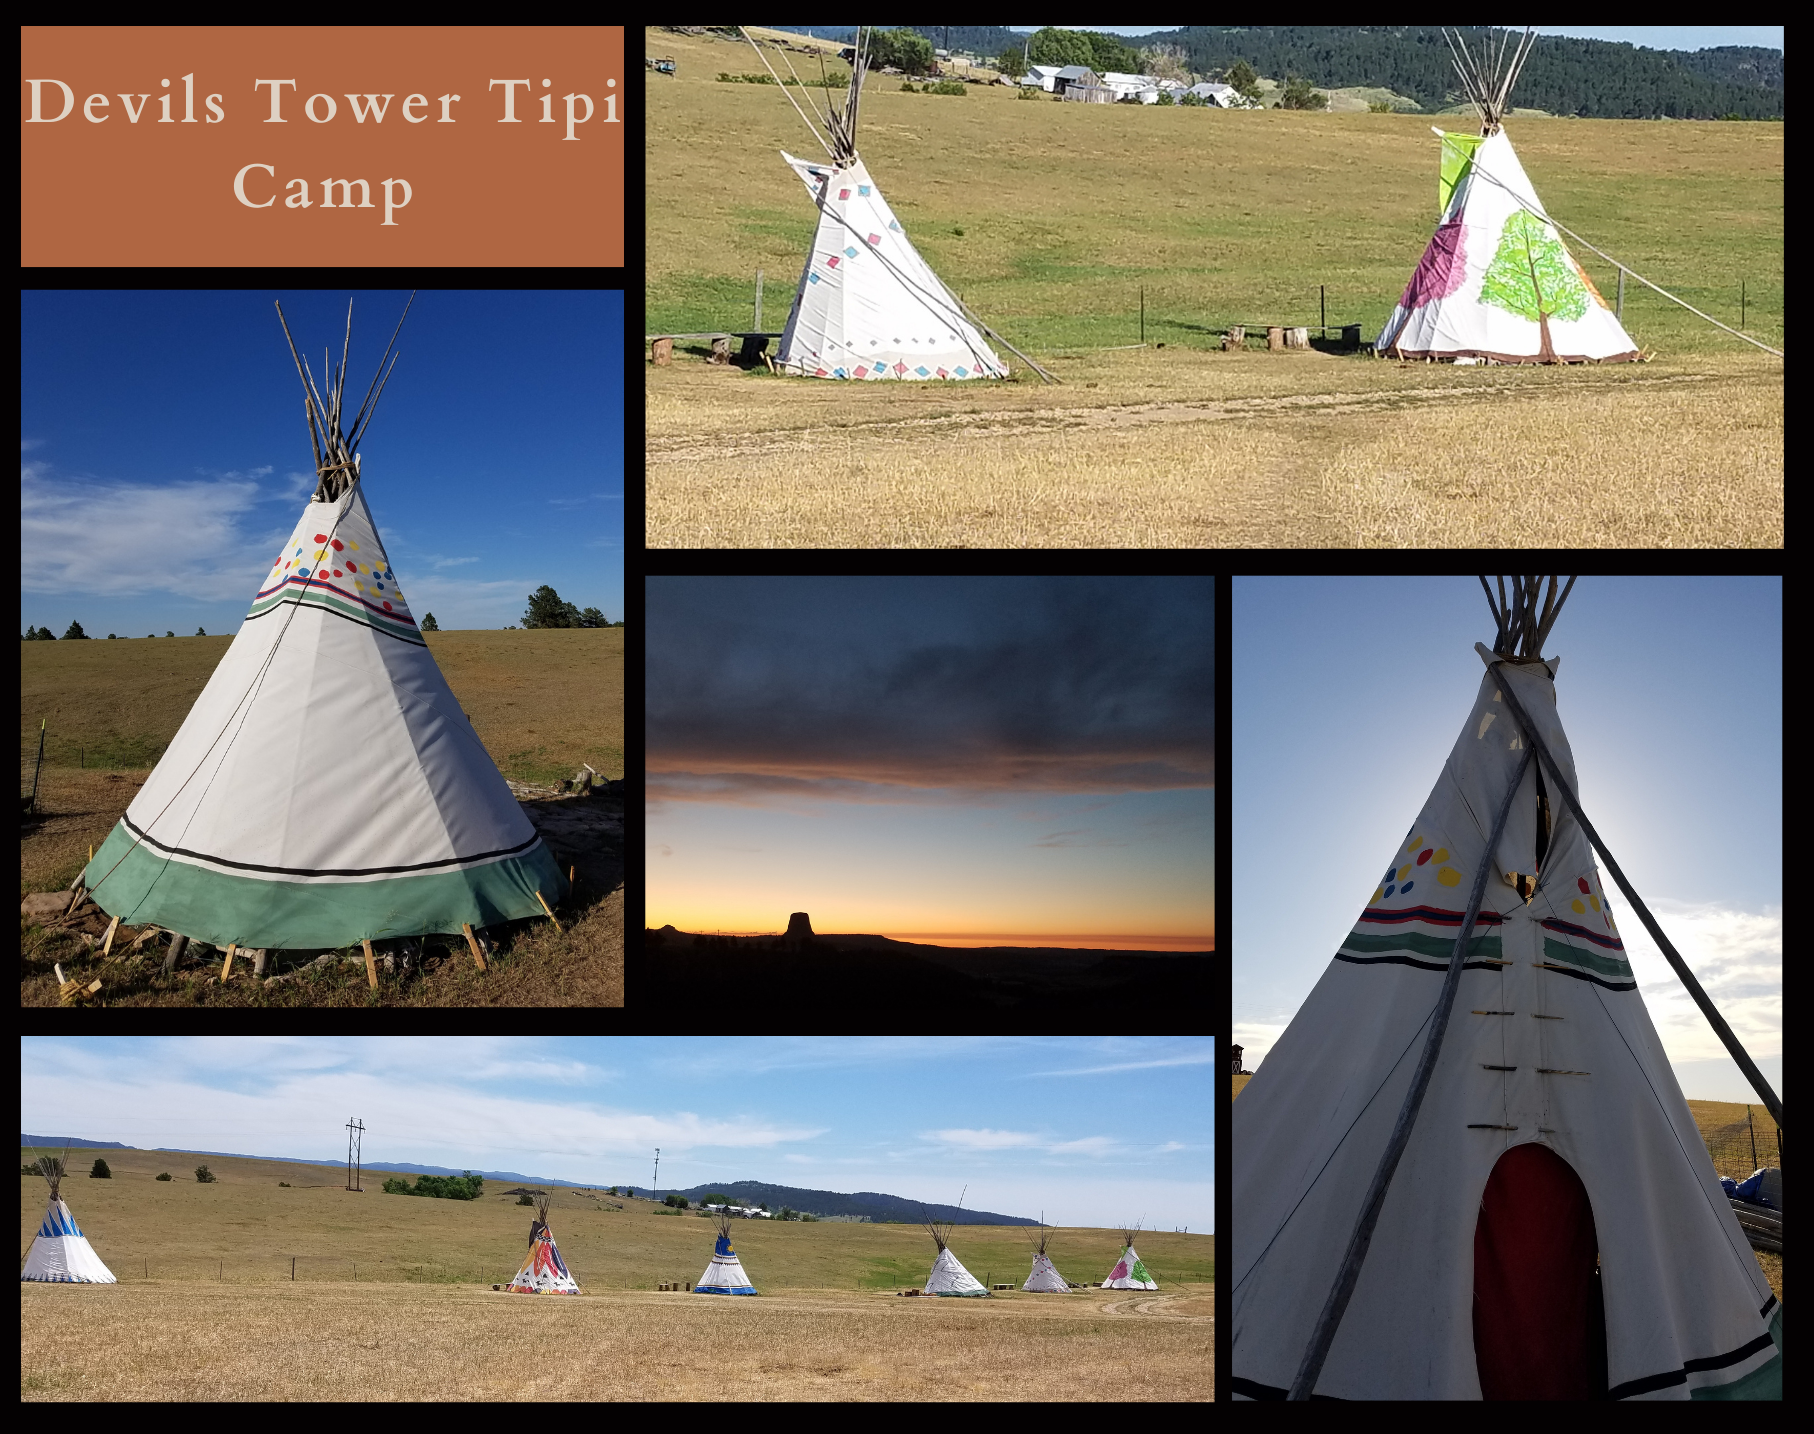 Devils-Tower-Tipi-Camp